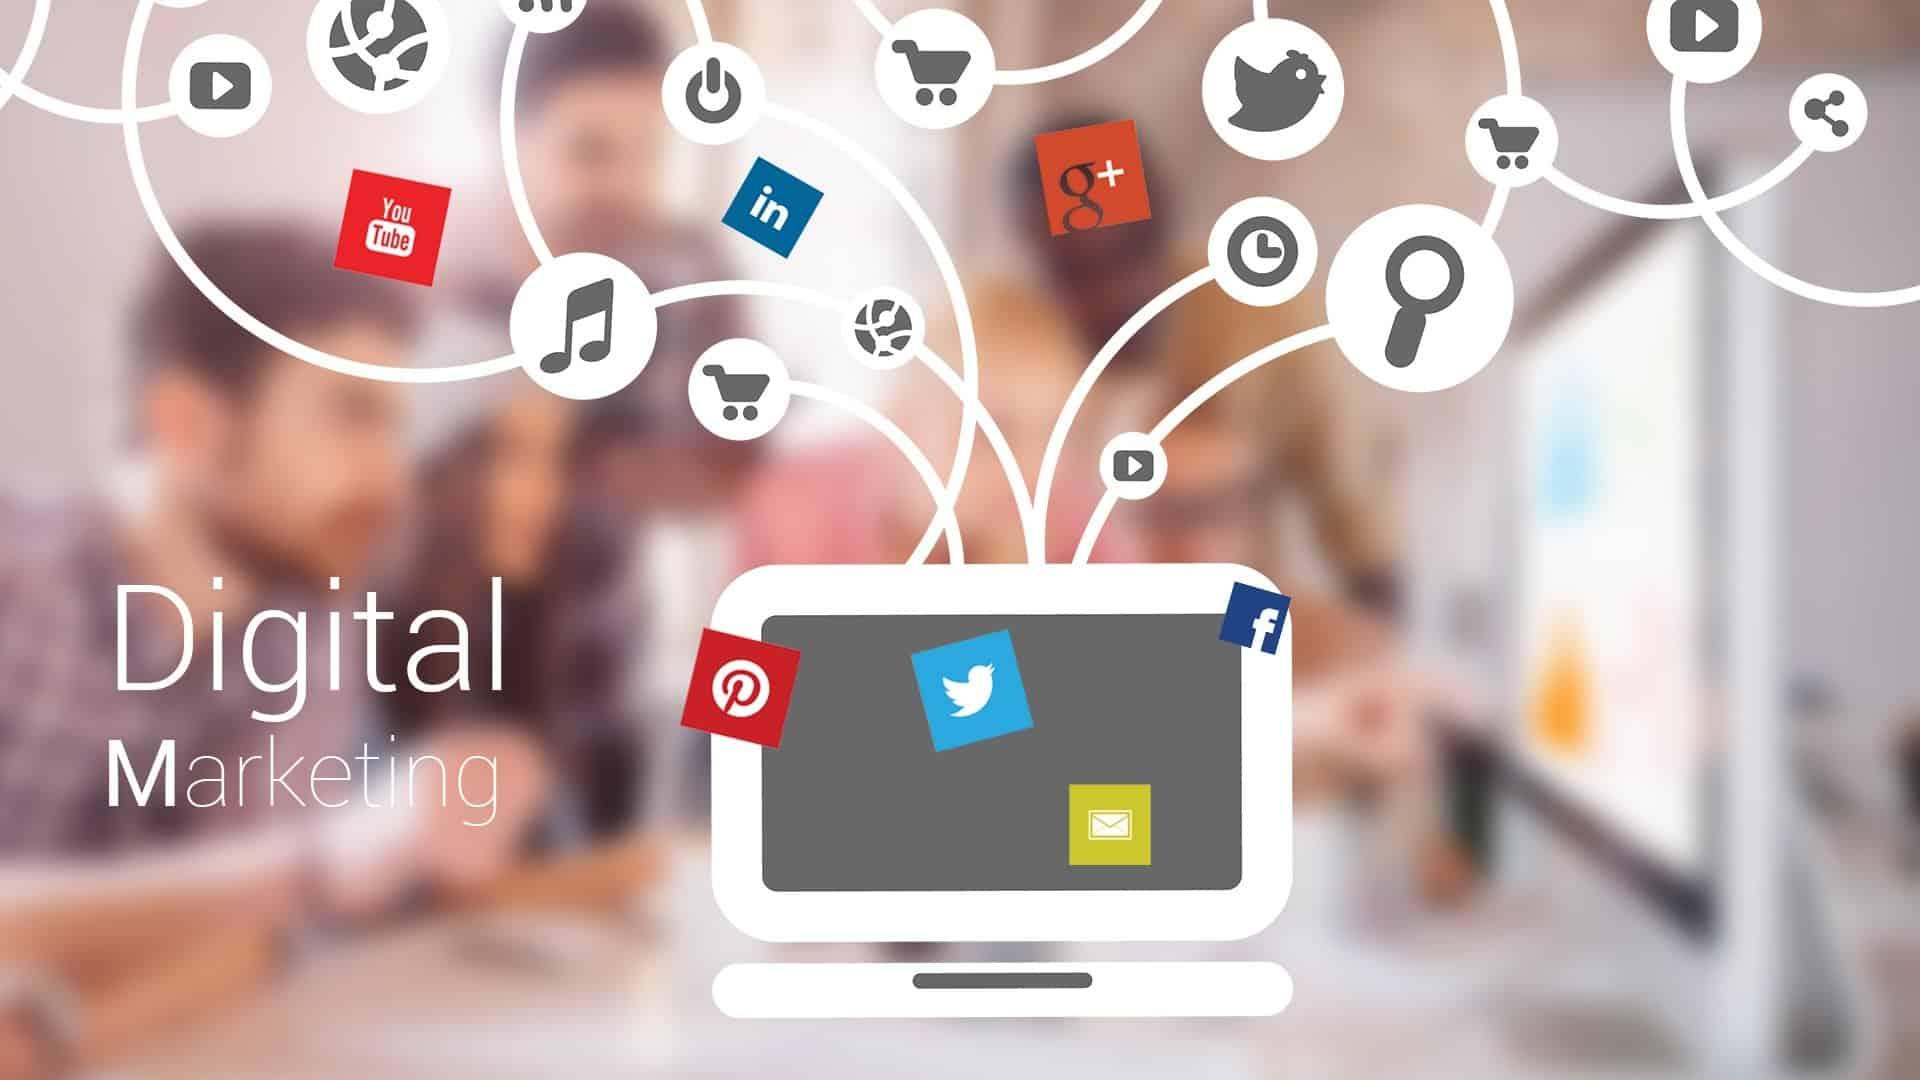 كيفية تحسين عملية التسويق الرقمي